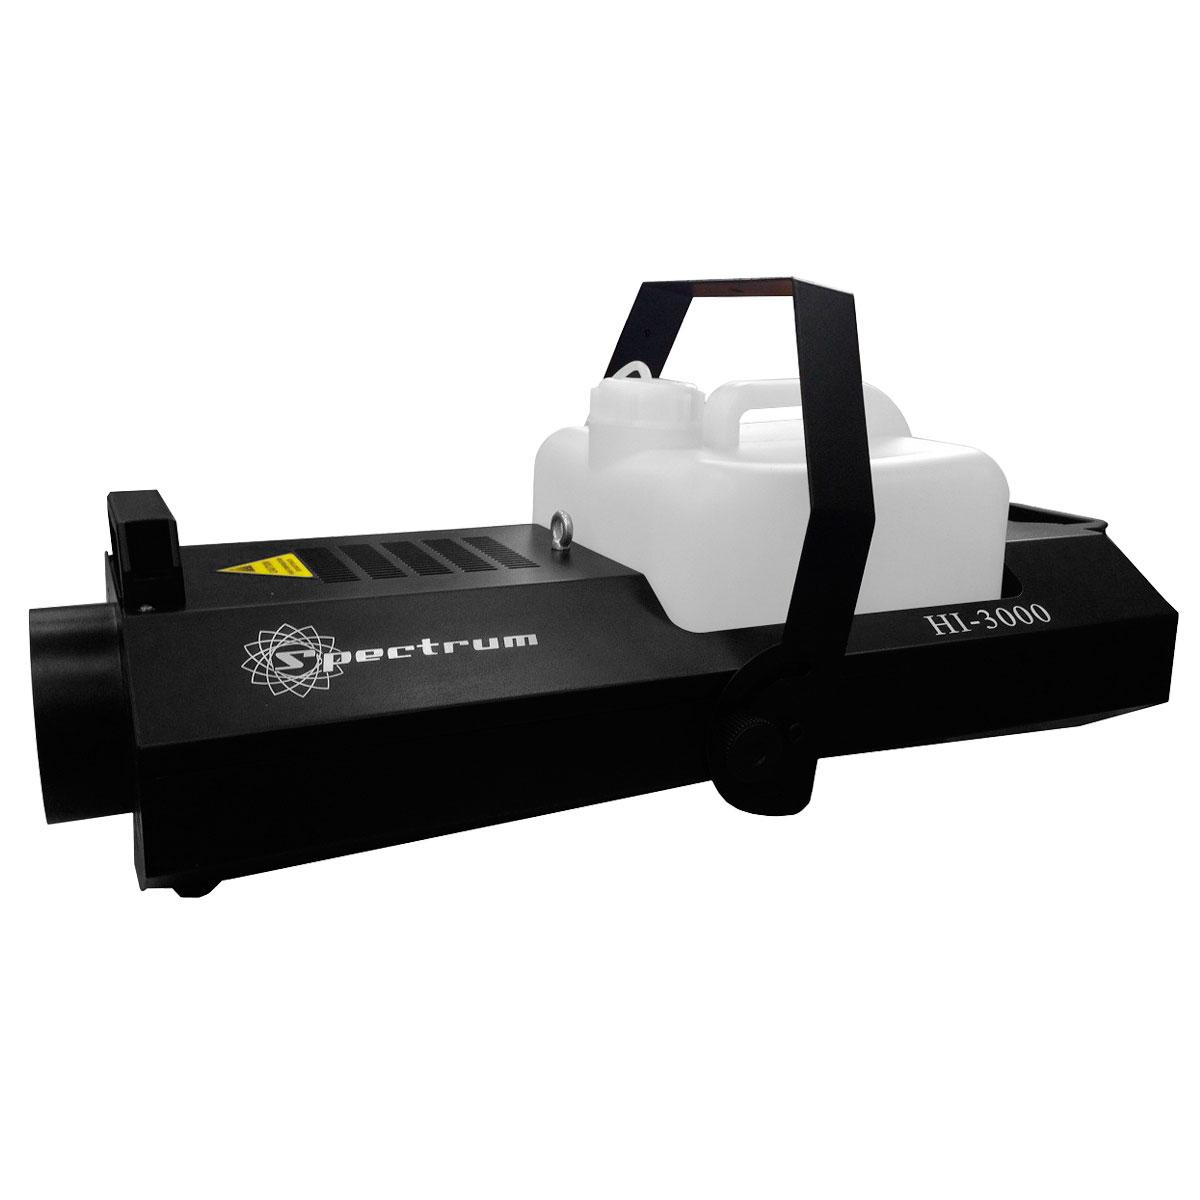 HI3000 - Máquina de Fumaça 3000W 110V c/ Controle Remoto HI 3000 - Spectrum